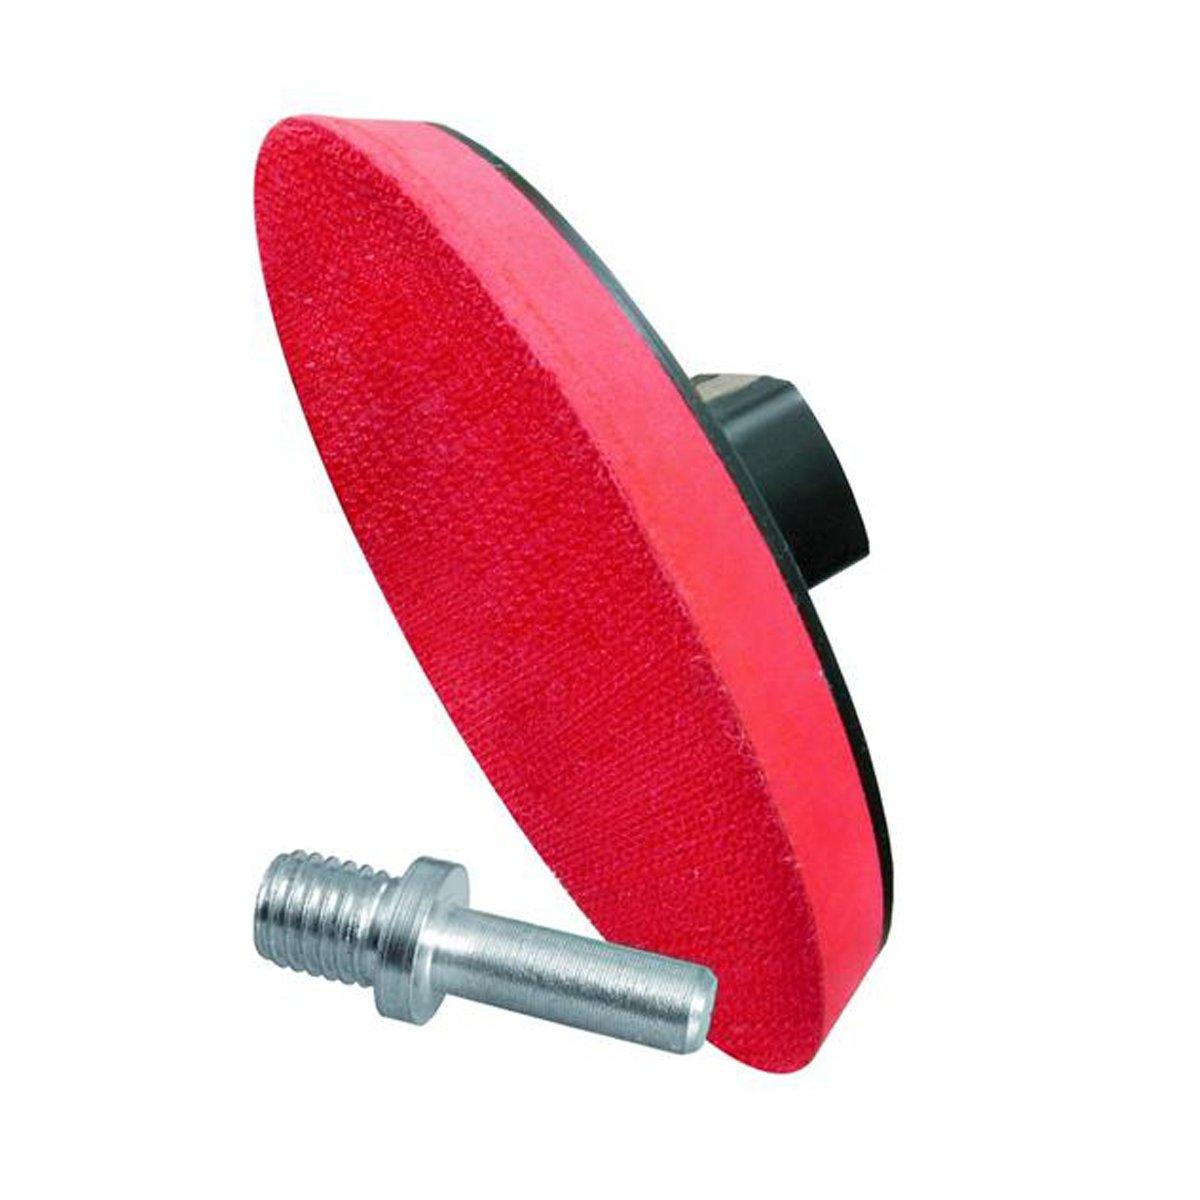 Proteco-Werkzeug® Klett-Teller Stützteller Polierteller 115 mm gedämpft Schleifteller Proteco-Werkzeug®